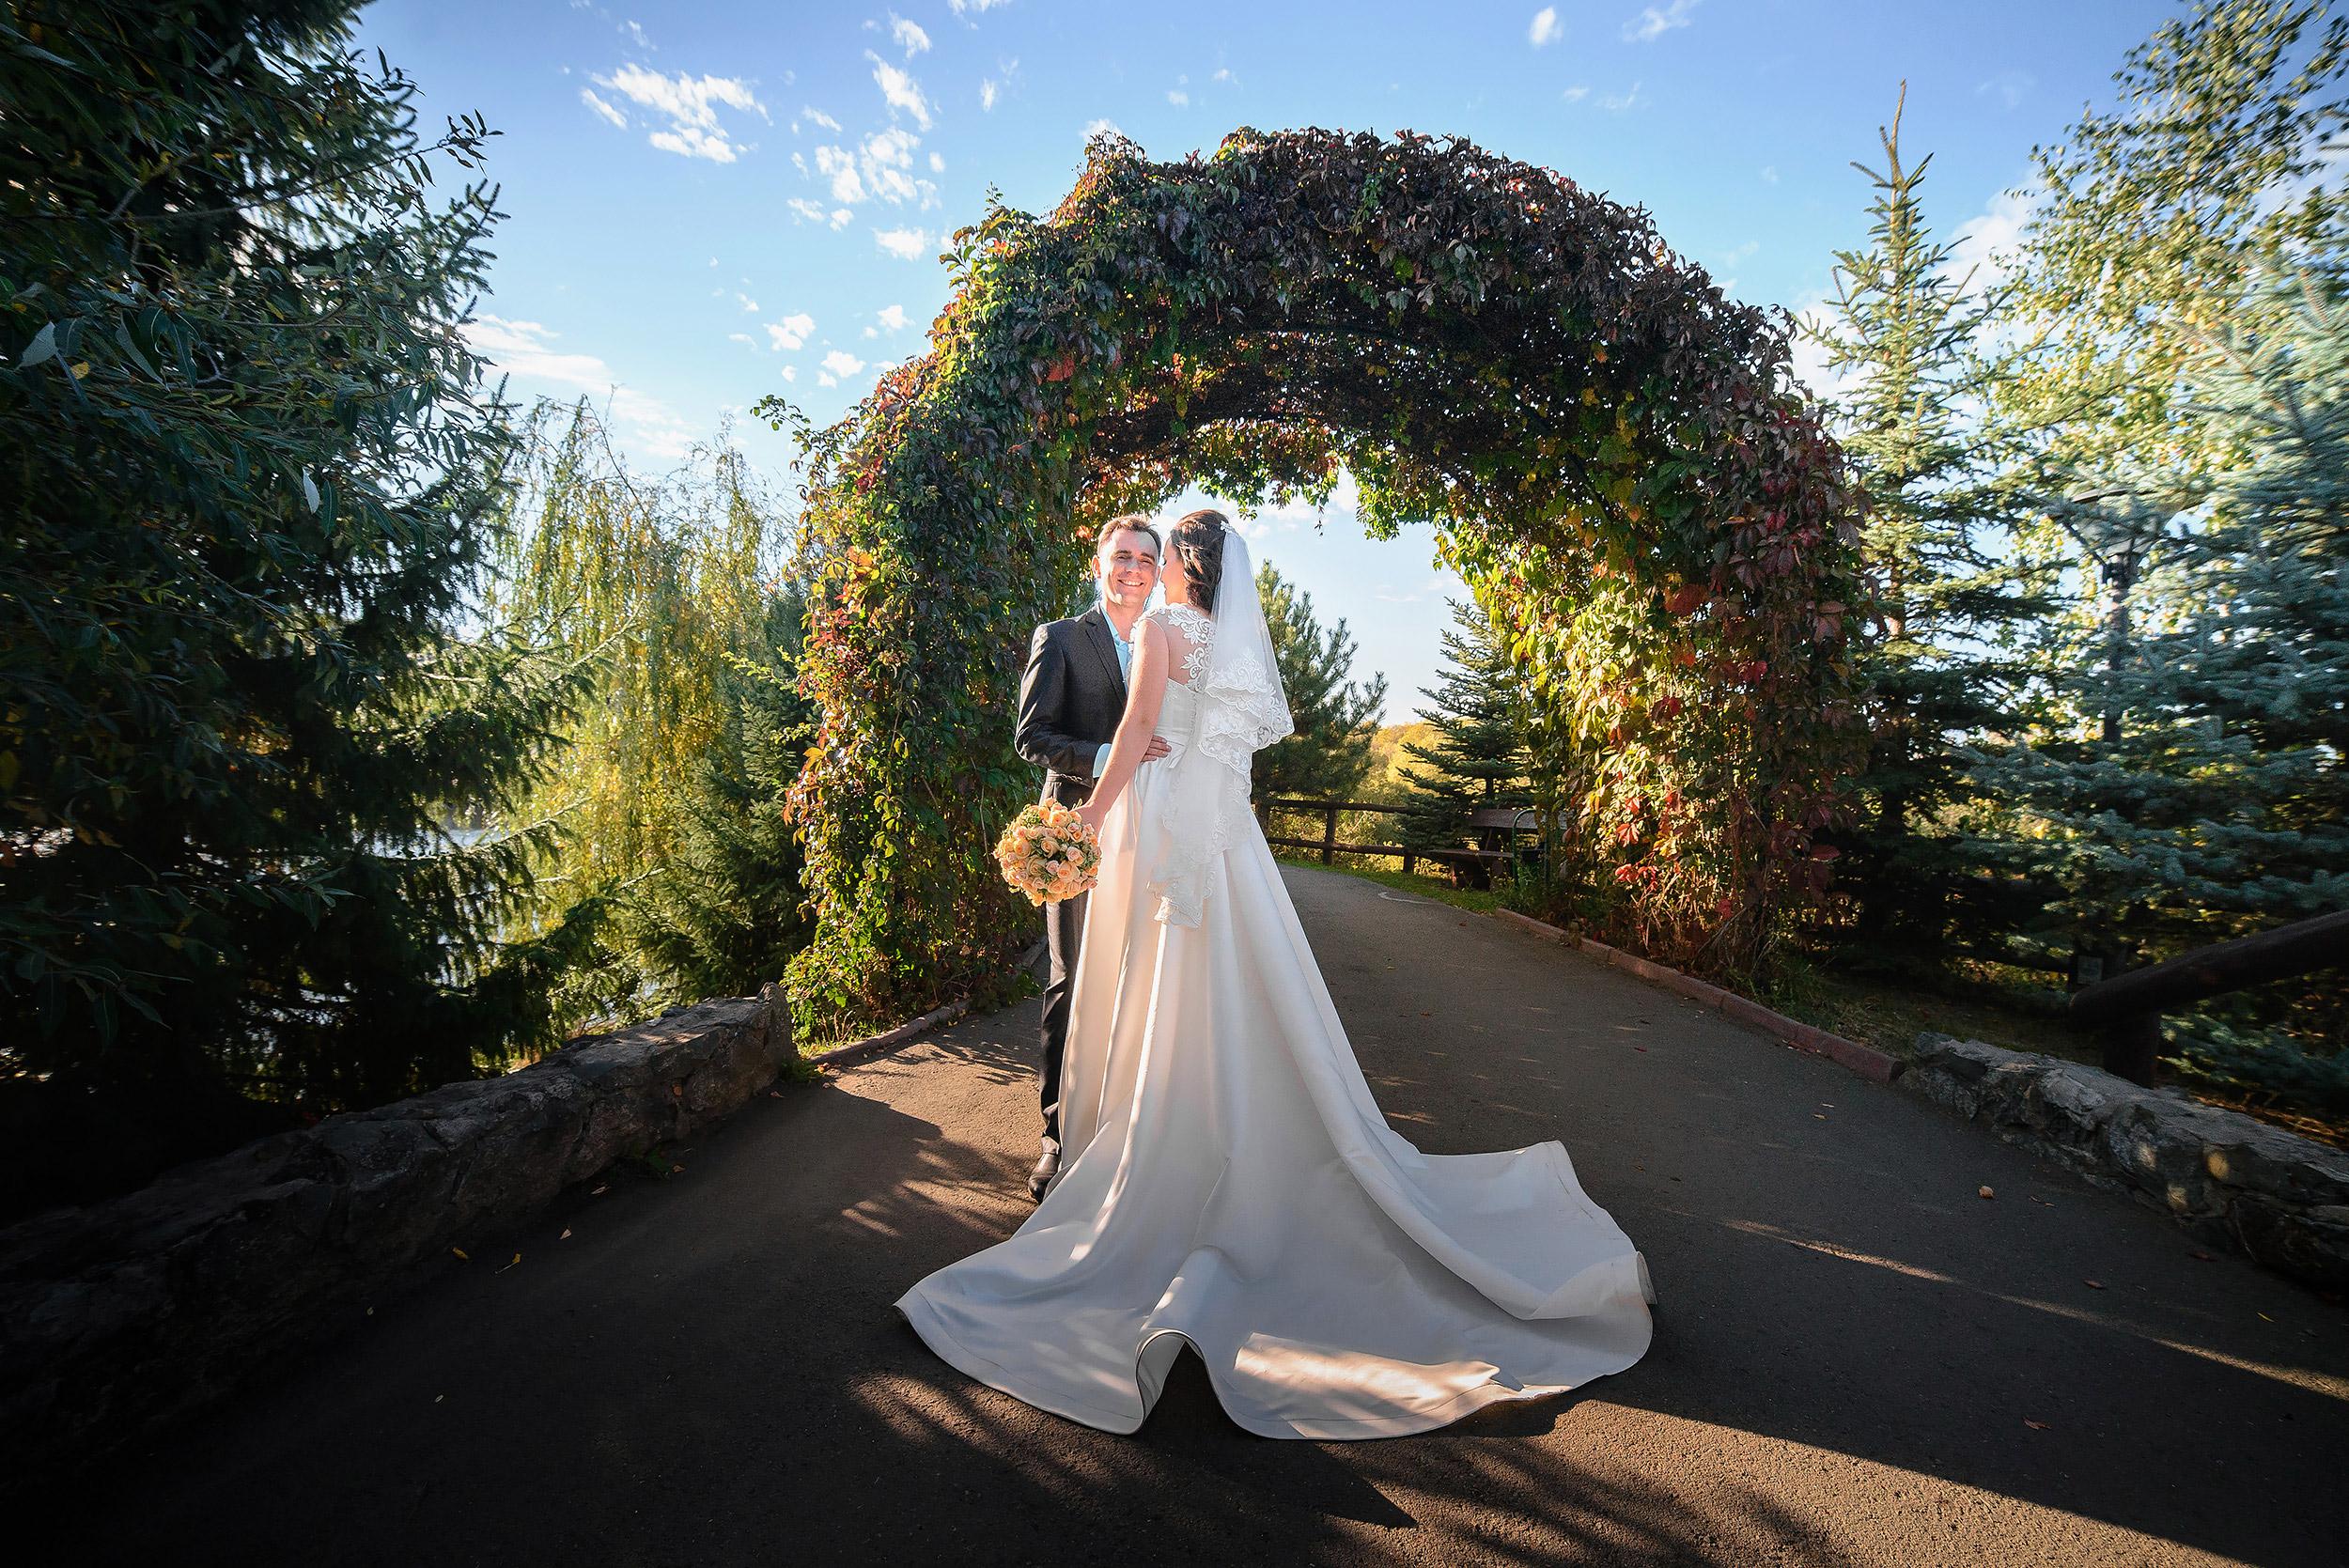 курганстальмост ищем фотографа на свадьбу симферополь что самое